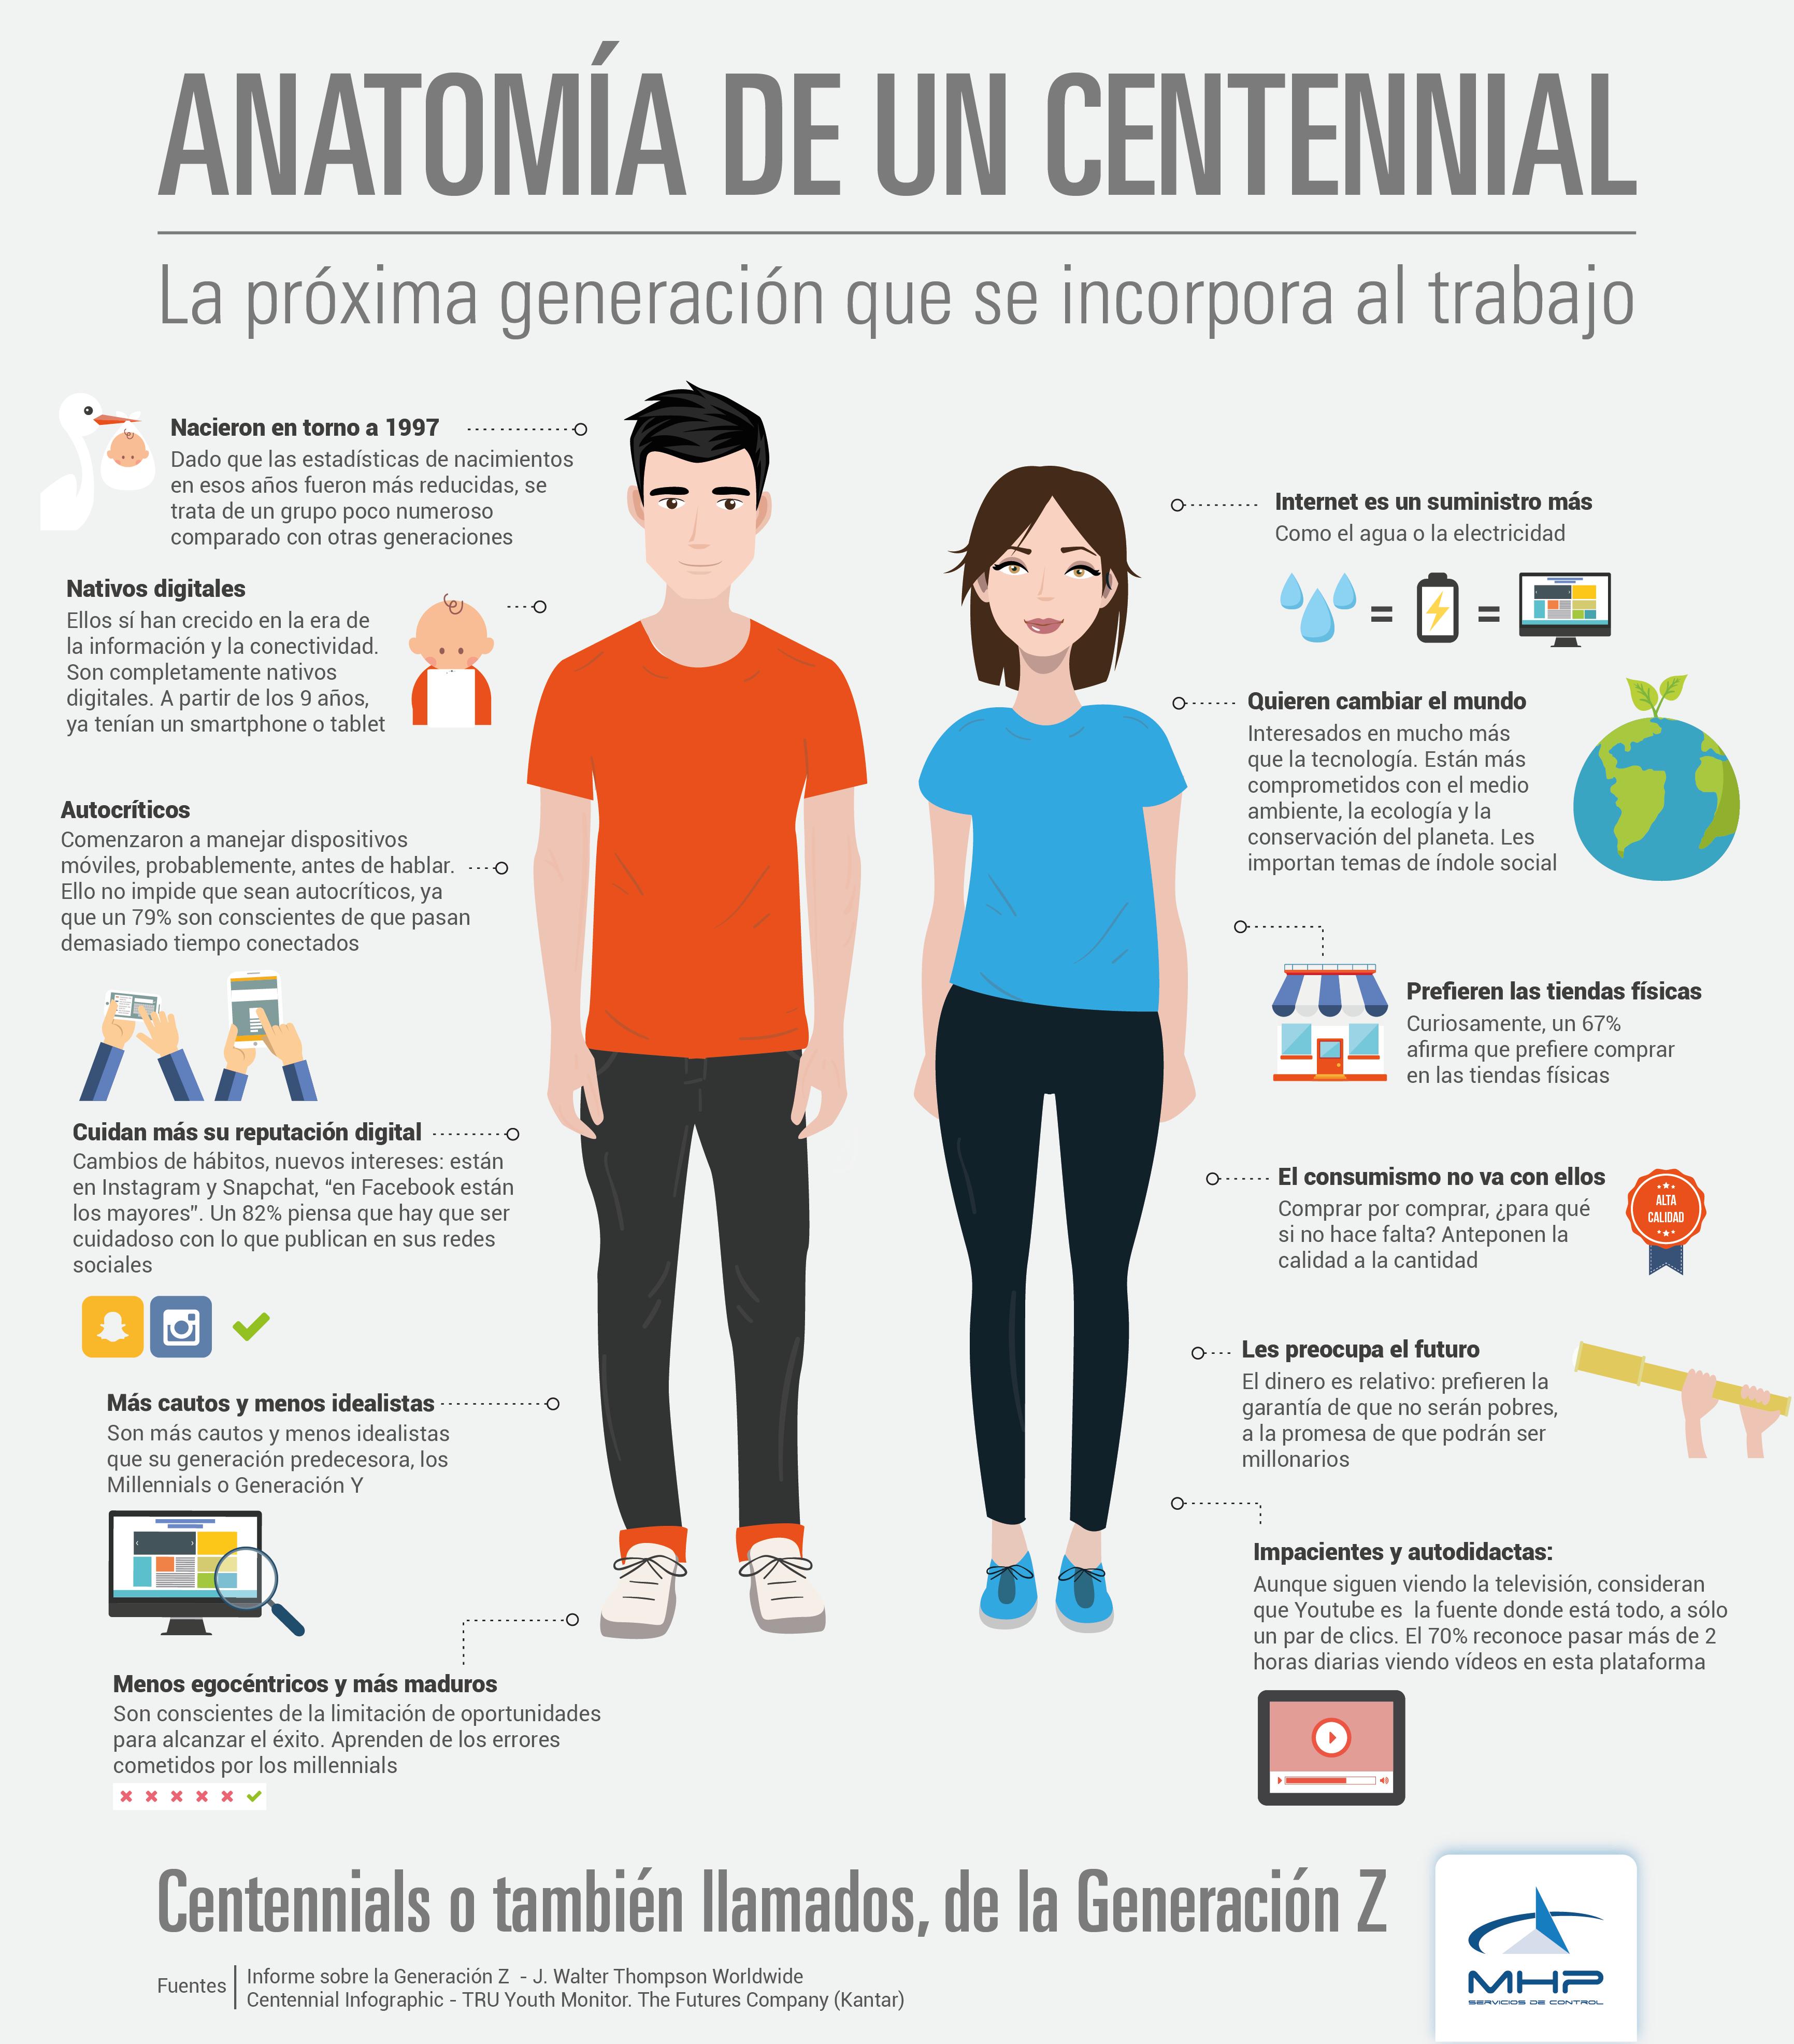 Anatomía de un Centennial, la próxima generación que se incorpora al ...